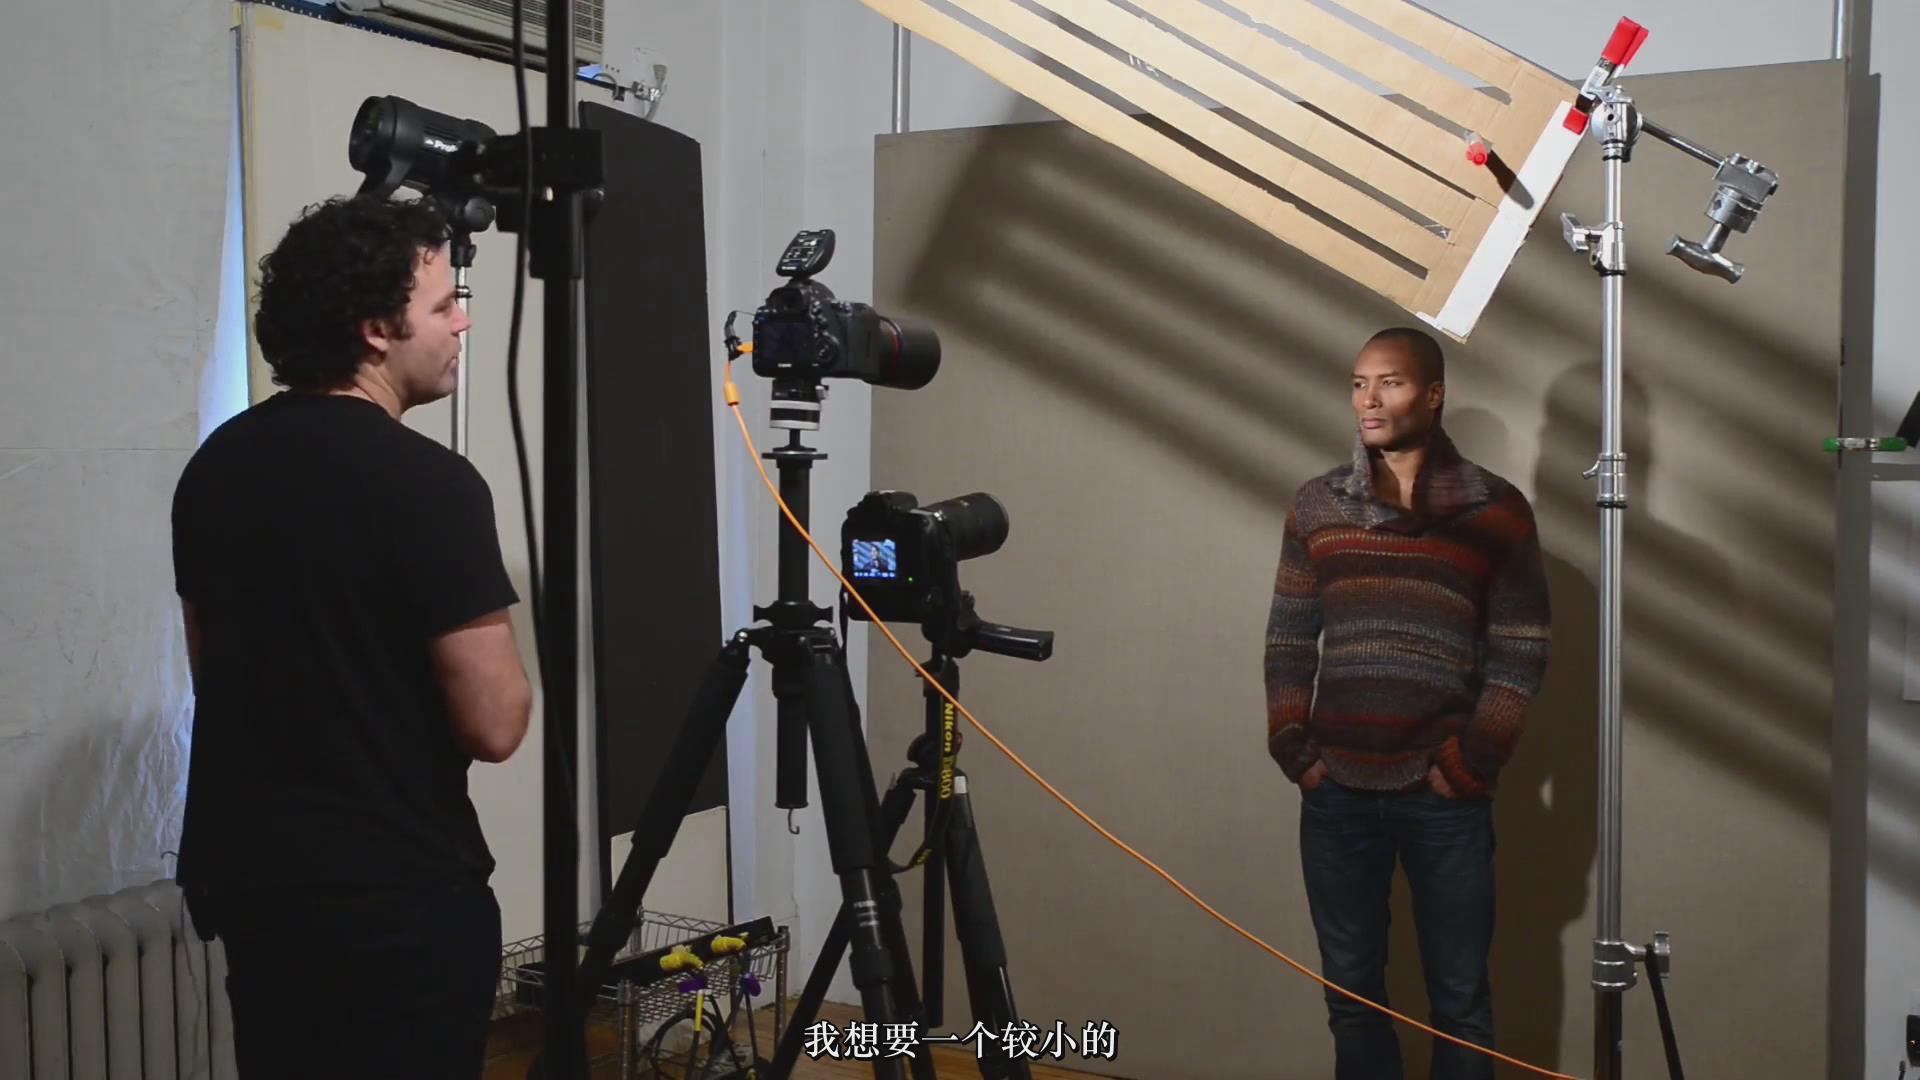 摄影教程_Fstoppers-彼得·赫利(Peter Hurley)完美头像人像面部布光教程-中文字幕 摄影教程 _预览图13